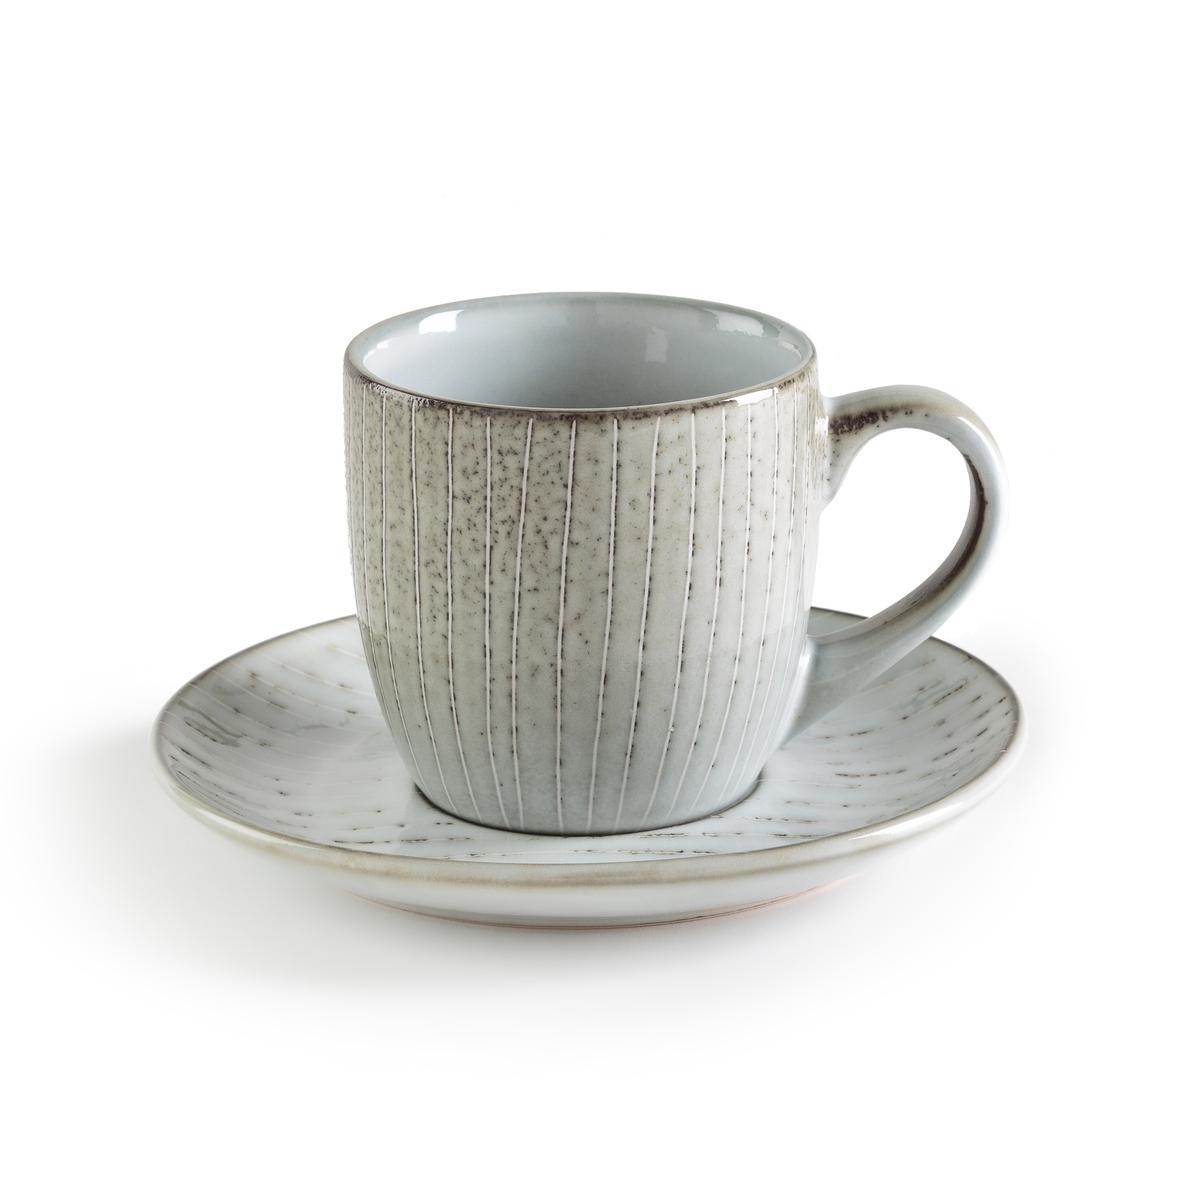 Комплект из 4 чашек и блюдец, Amedras4 кофейные чашки и блюдца Amedras. Эти чашки в северном стиле с рисунком синего цвета в виде изящных полосок изготовлены вручную, возможны небольшие различия в тоне цвета. Характеристики:- Из керамики, покрытой глазурью. - Можно использовать в микроволновой печи и мыть в посудомоечной машине. - Мелкие и десертные тарелки, чайник и чашки того же комплекта представлены на нашем сайте.      Размеры: - чашка: ?11 x В8 см- блюдце: ?15 x В2 см<br><br>Цвет: серо-синий